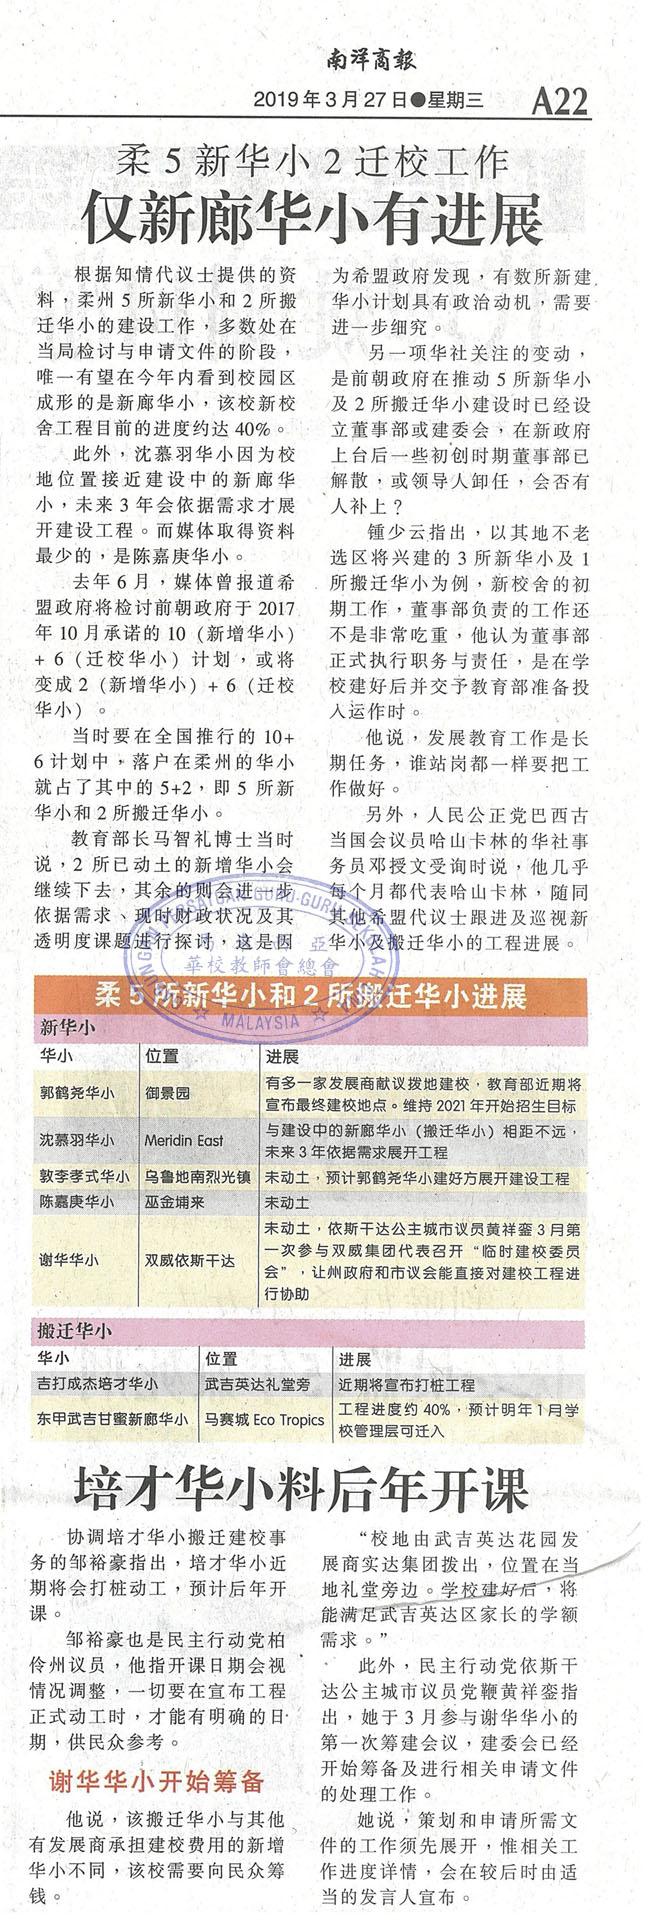 新发展商愿拨地及承建 郭鹤尧华小或换校地